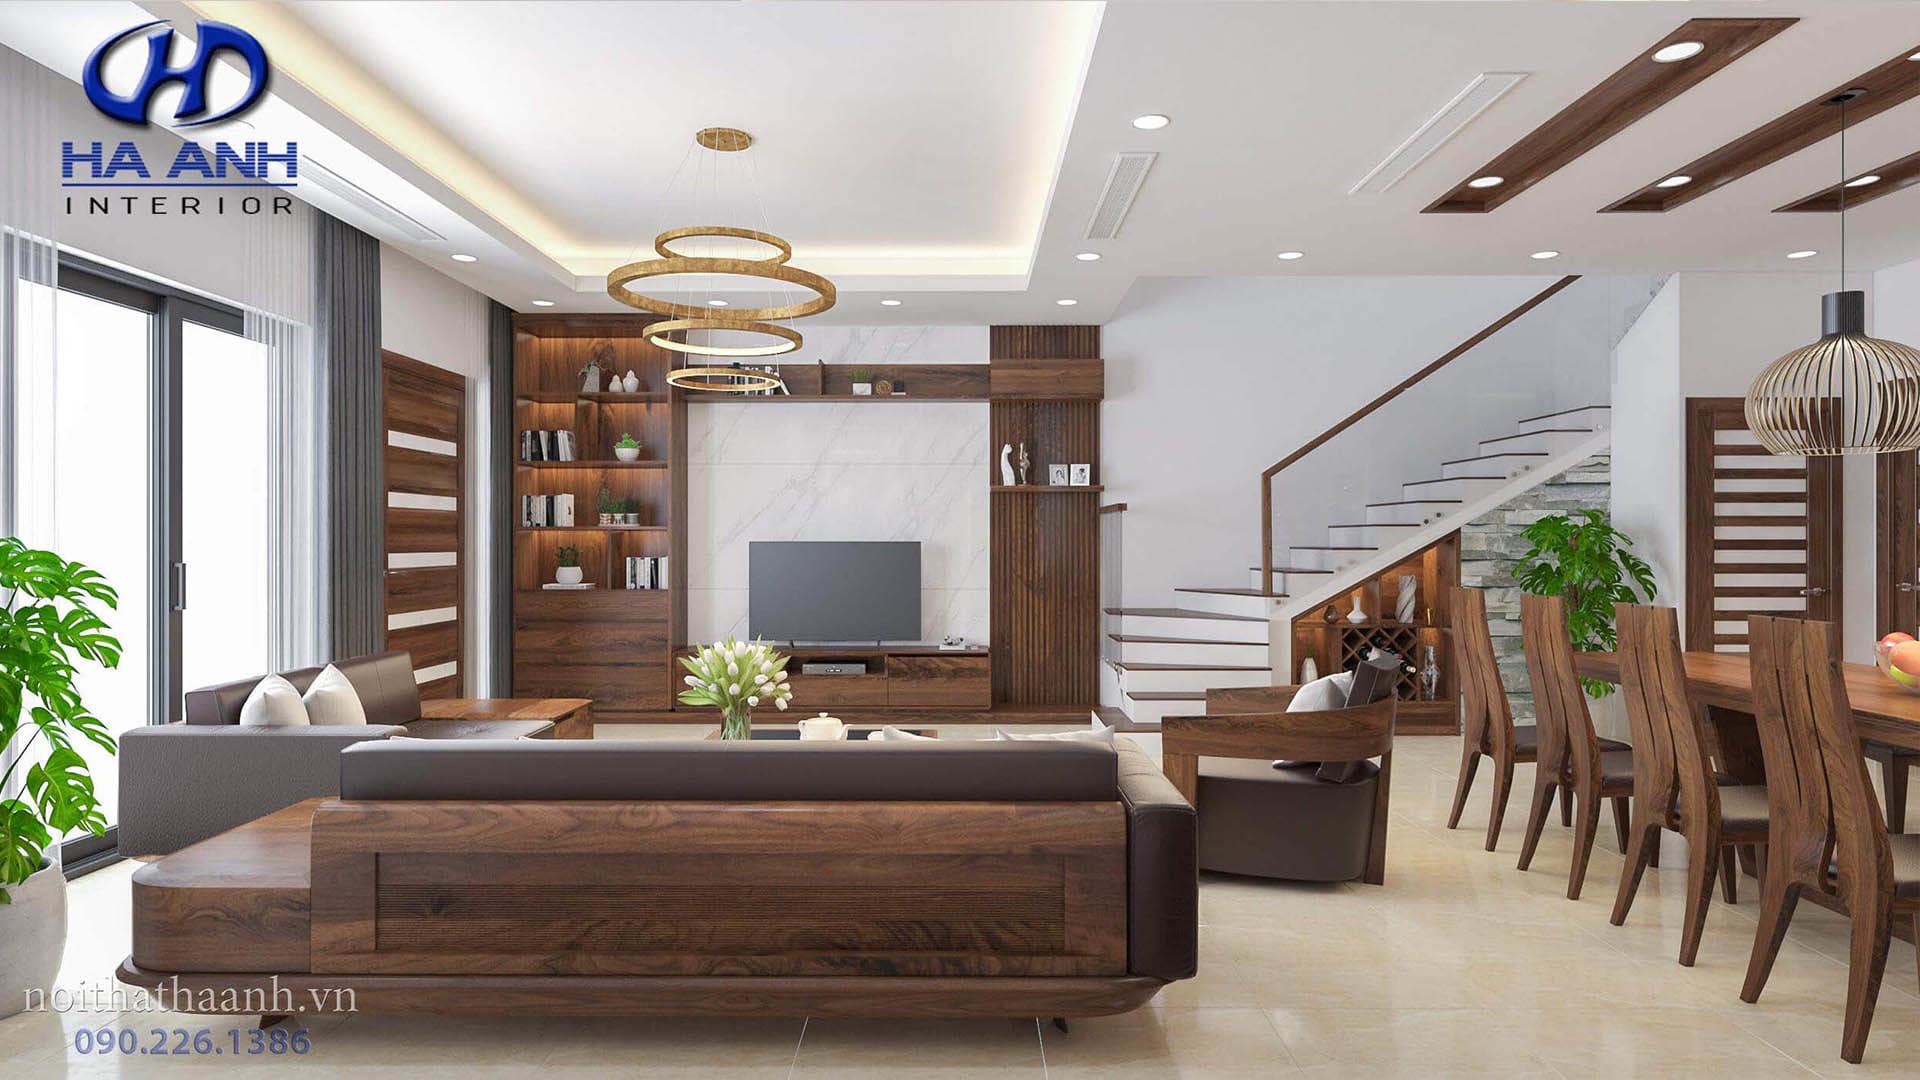 không gian nội thất phòng khách gỗ tự nhiên cao cấp